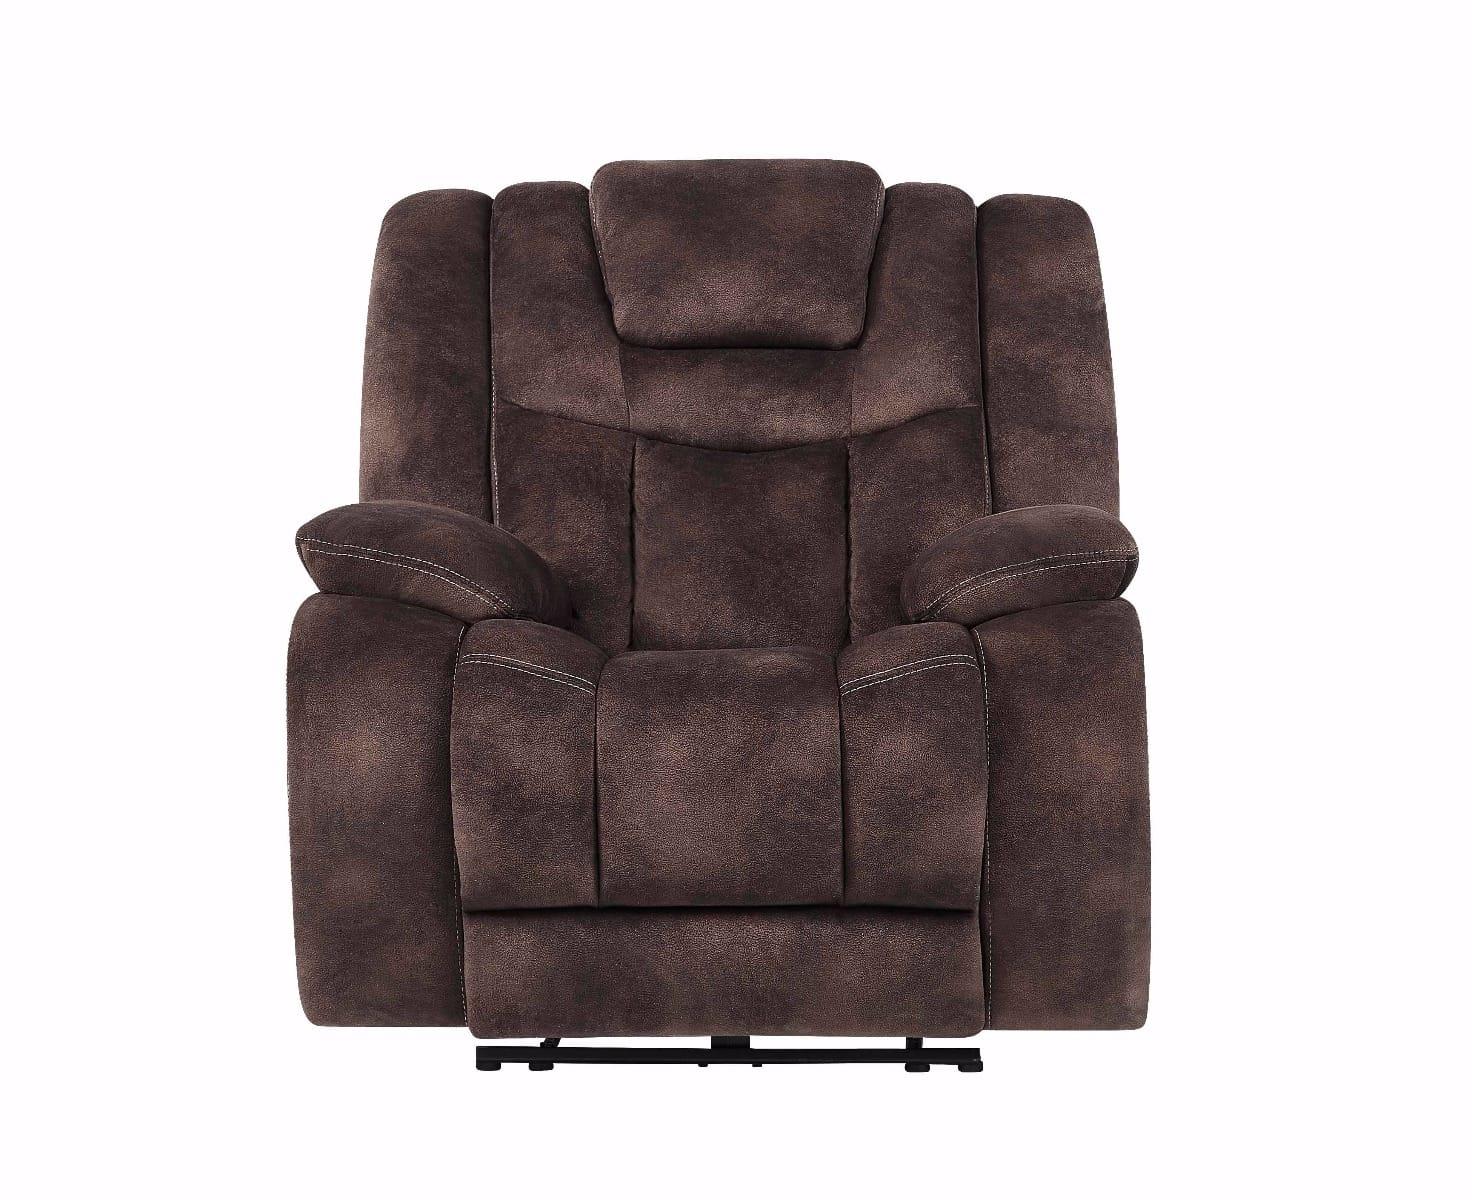 Amazing U1706 Night Range Chocolate Fabric Power Reclining Chair By Global Furniture Frankydiablos Diy Chair Ideas Frankydiabloscom